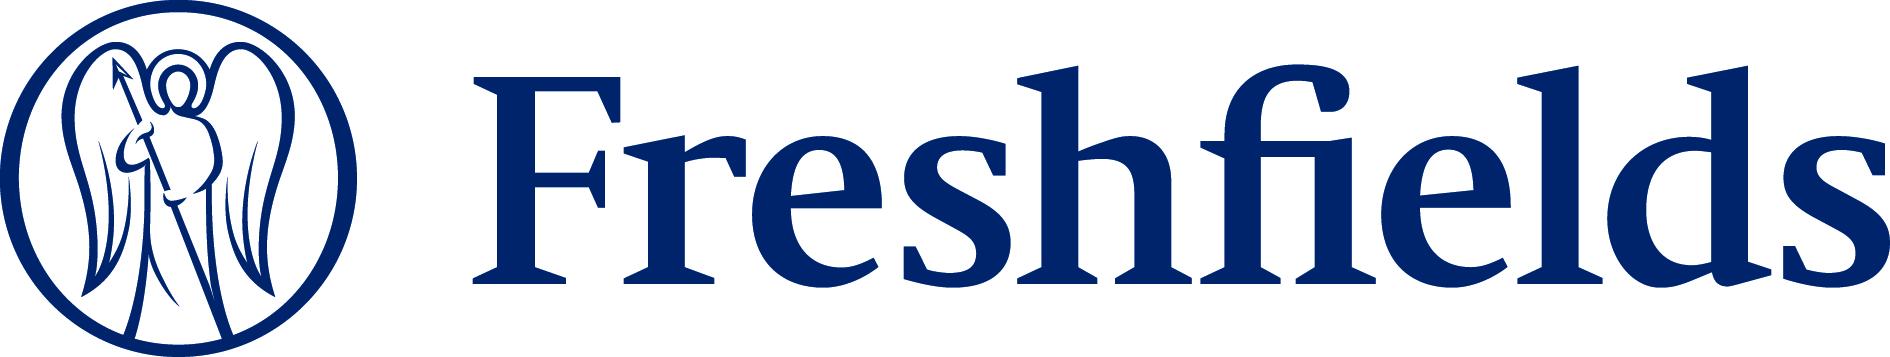 Freshfields-logo-short